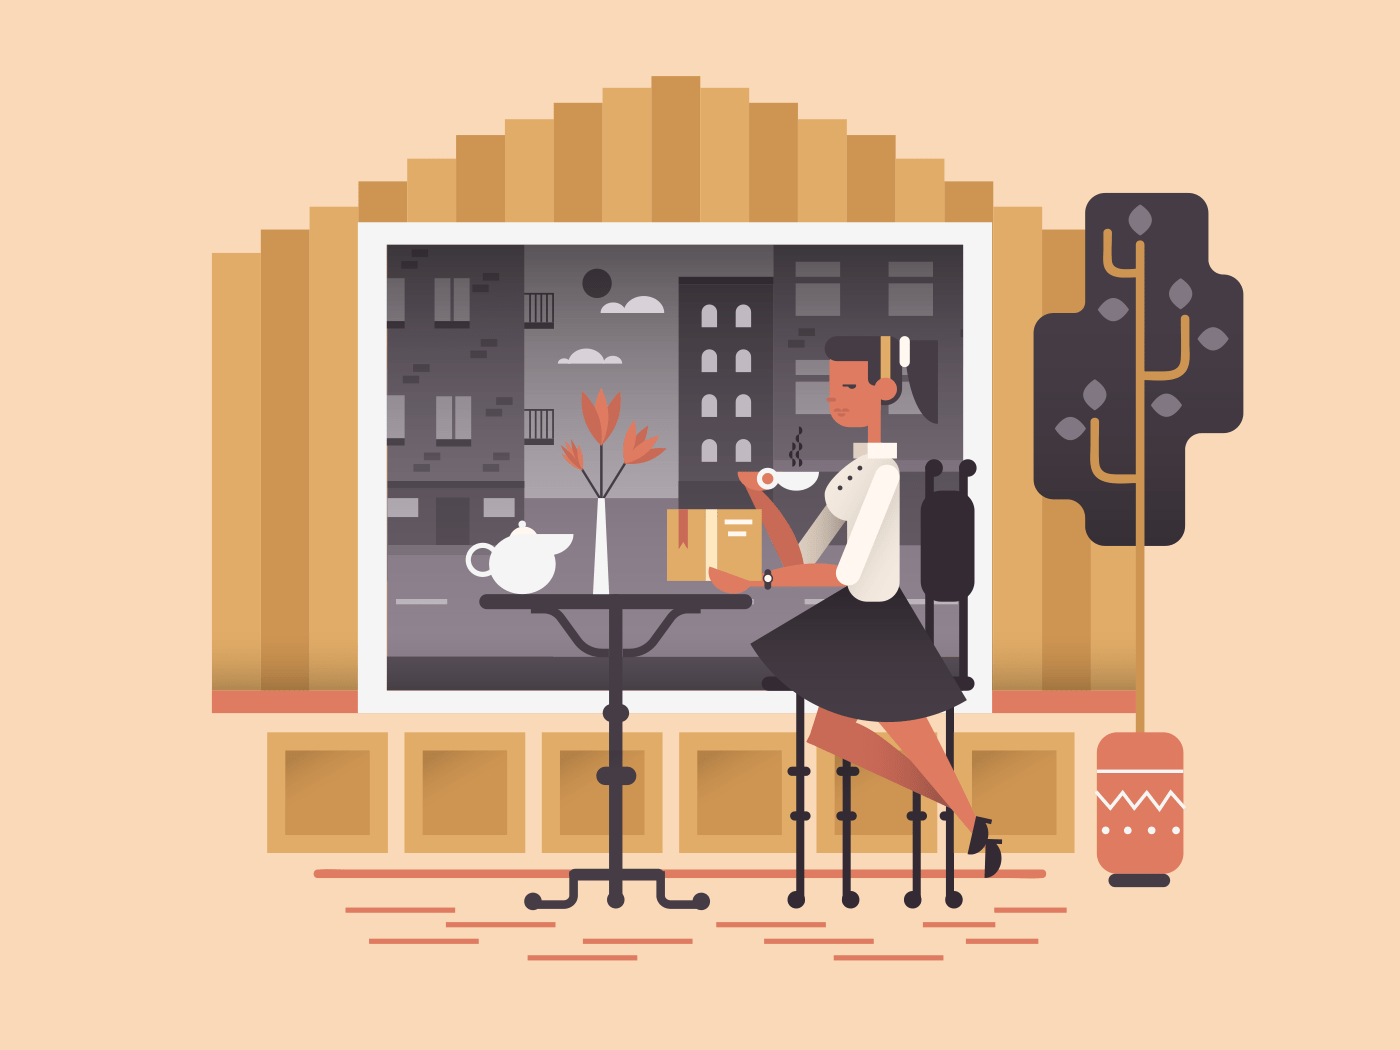 Girl sit in cafe illustration